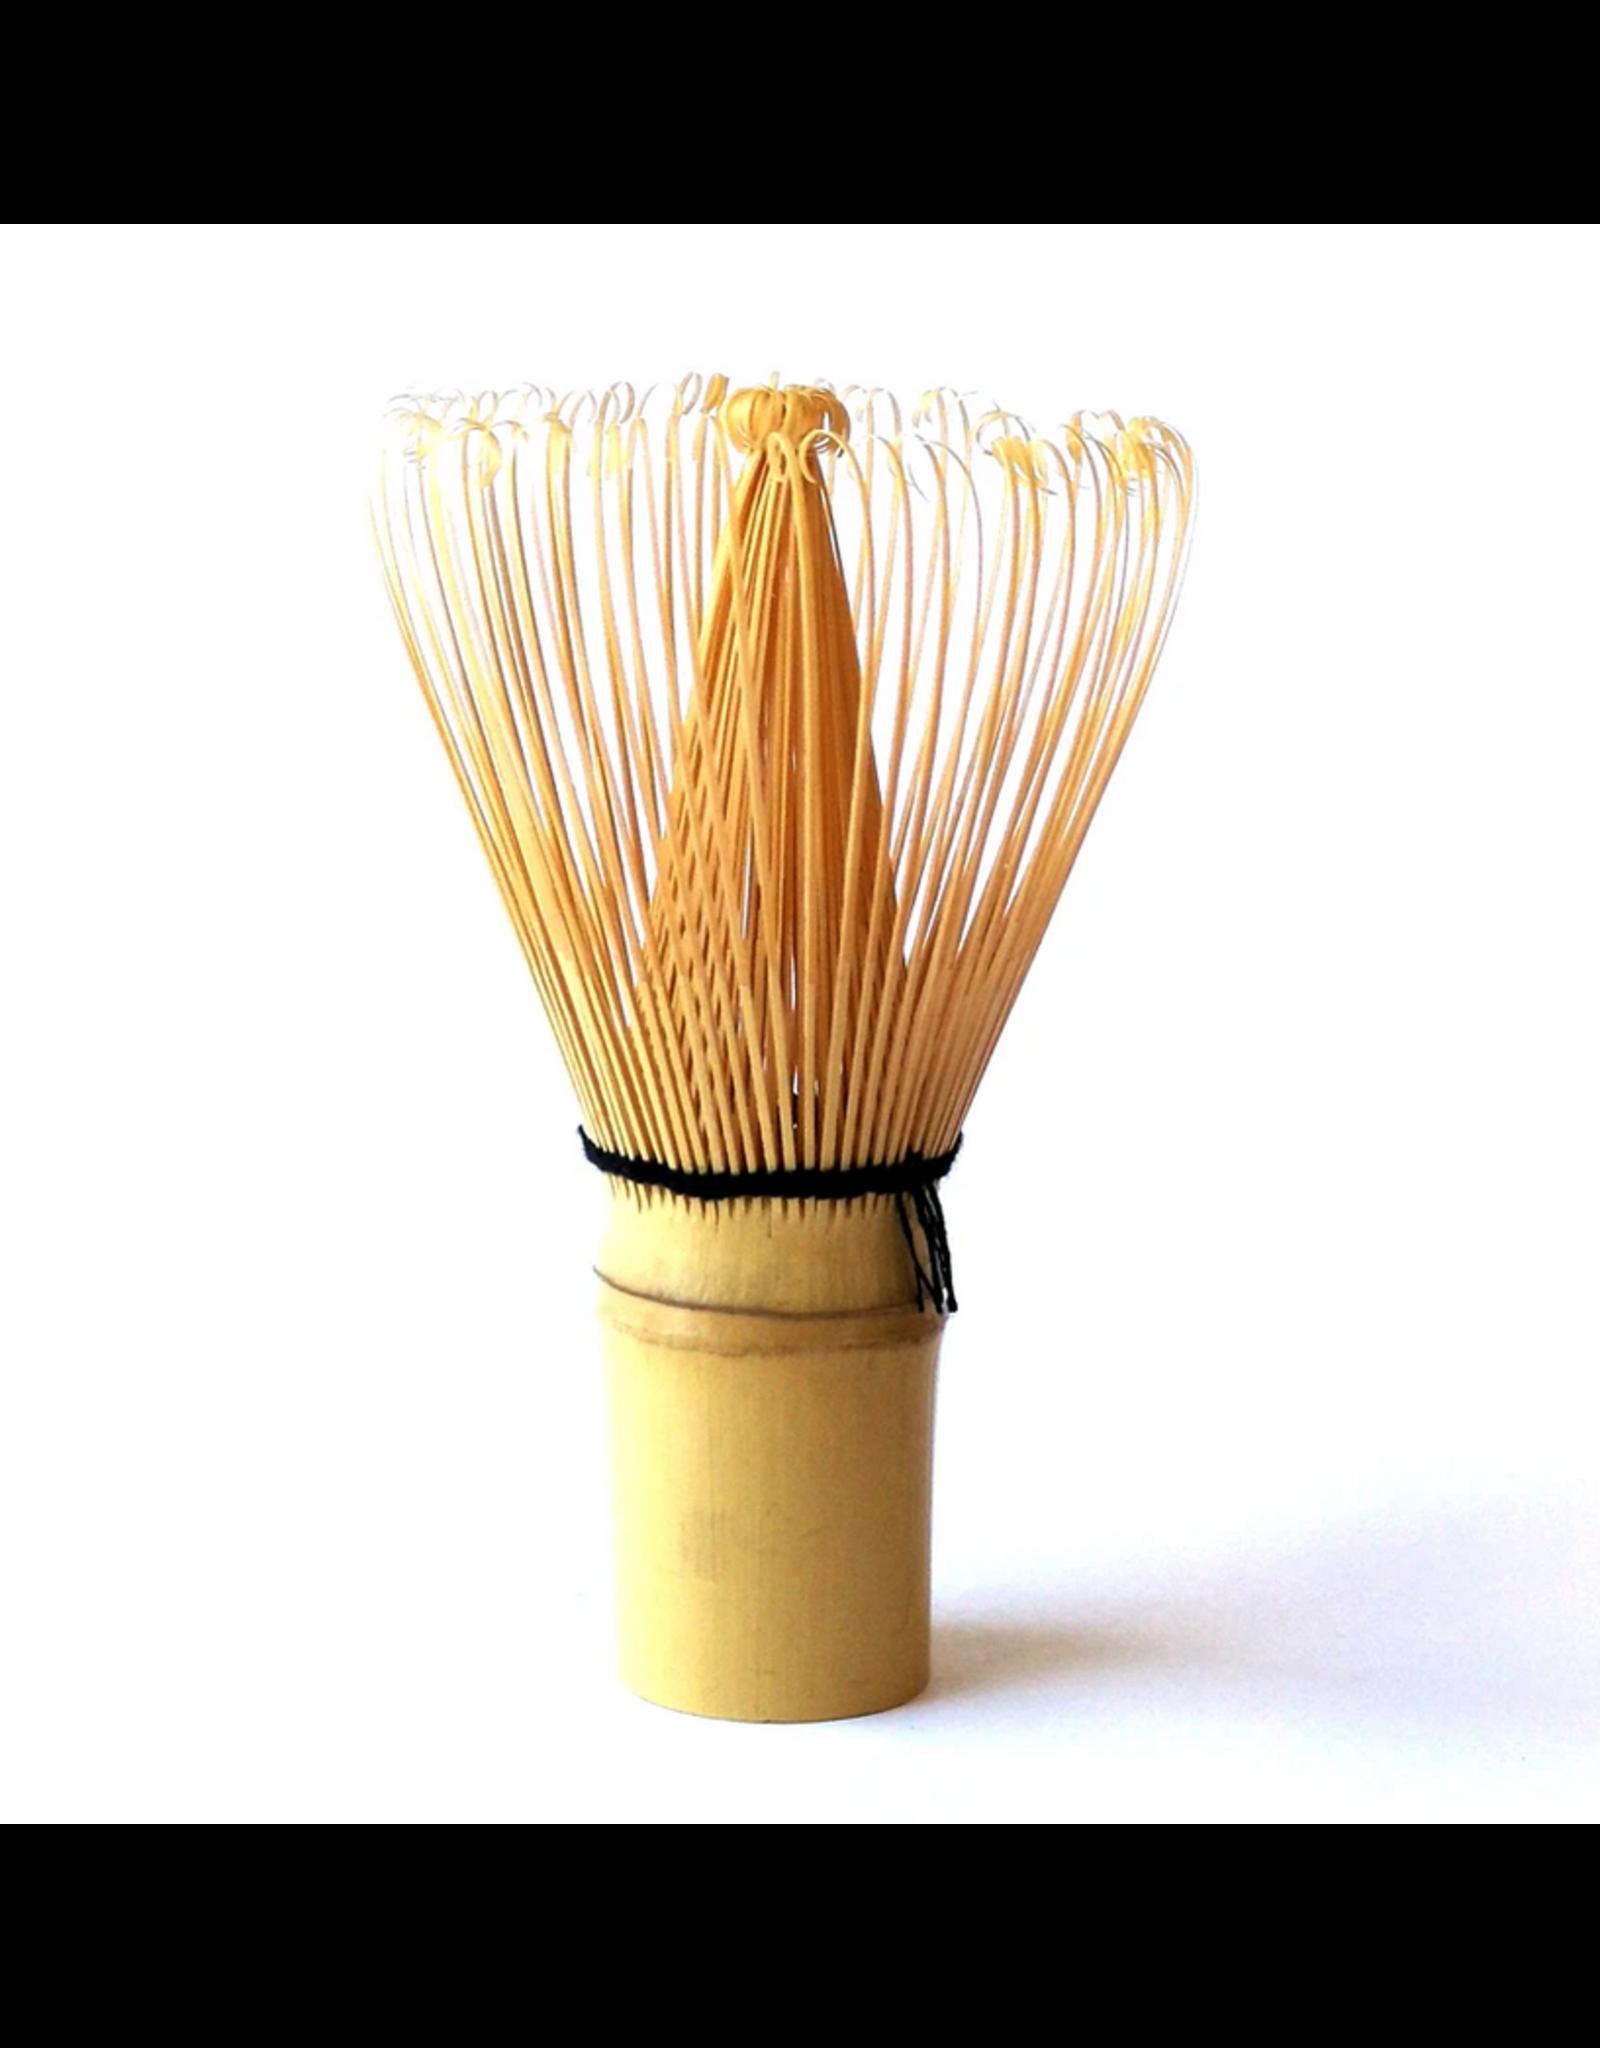 CHA YI Tea House CHA YI Tea, Bamboo Matcha Whisk & Holder